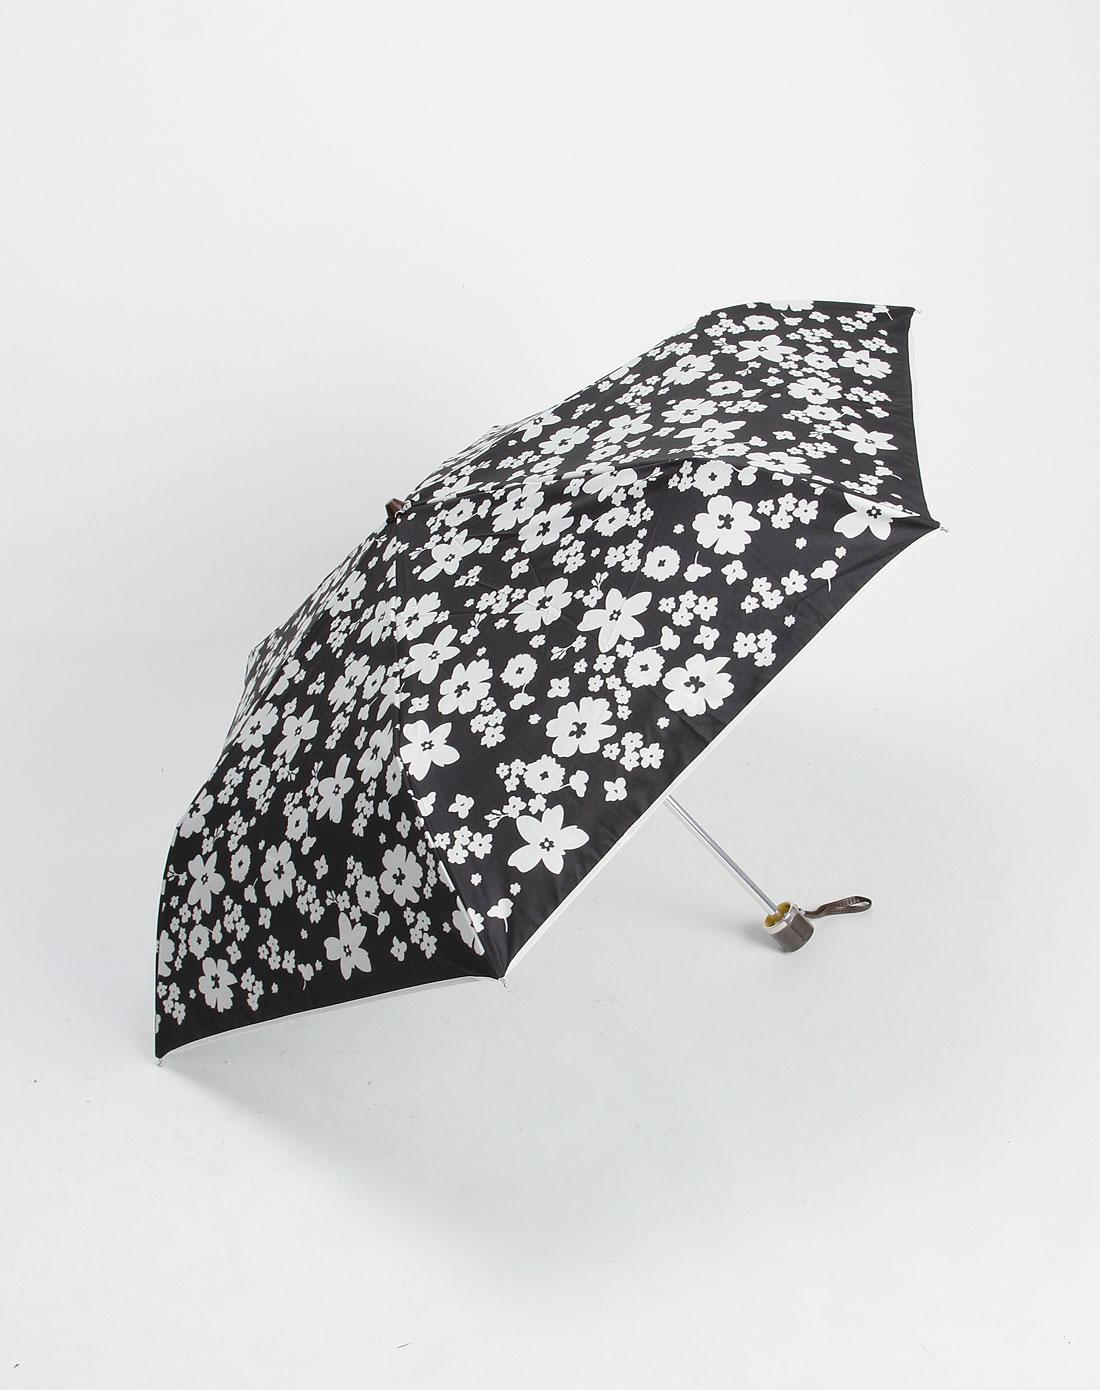 黑白色时尚印花雨伞